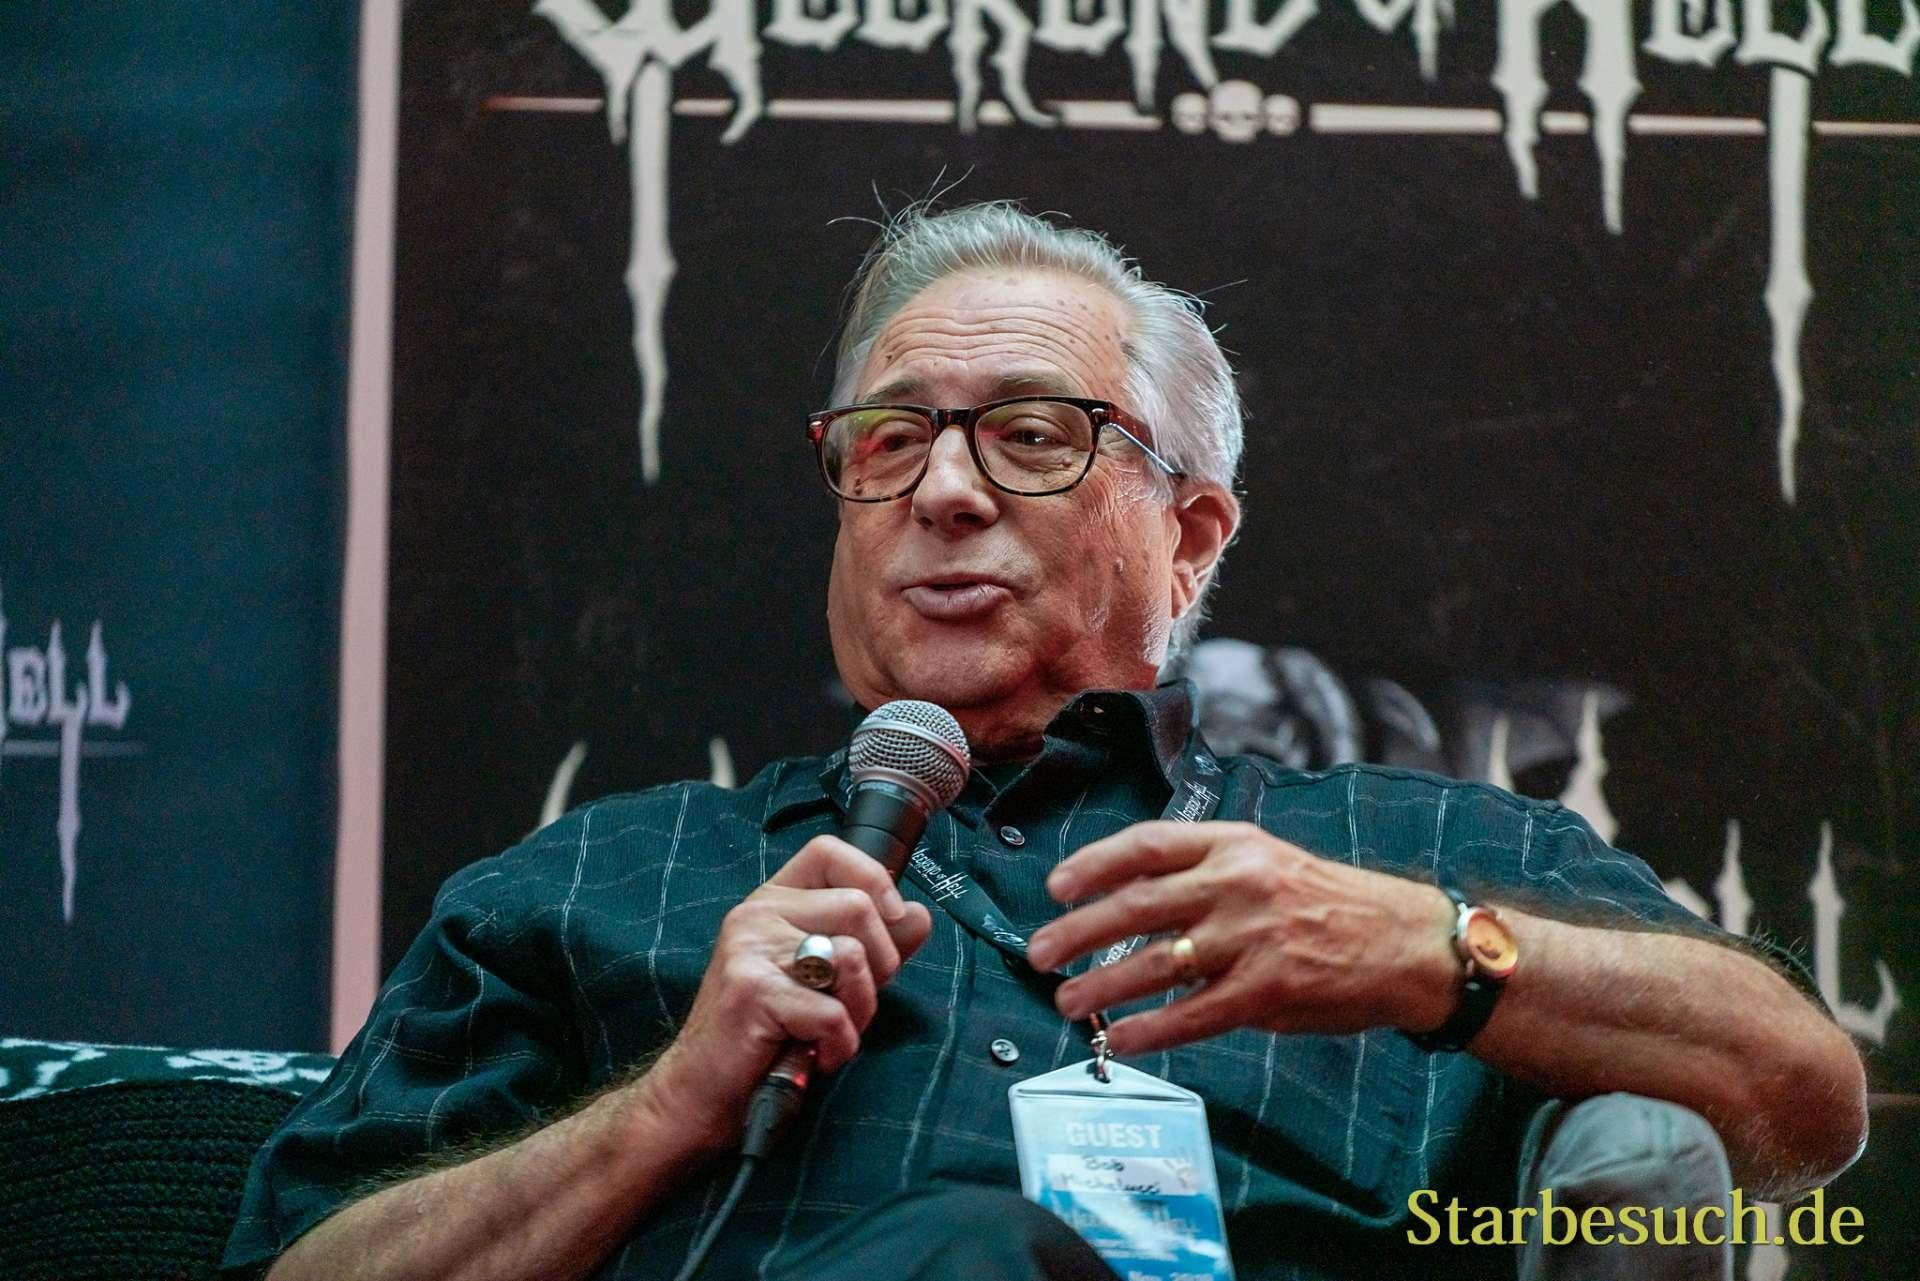 Bob Michelucci